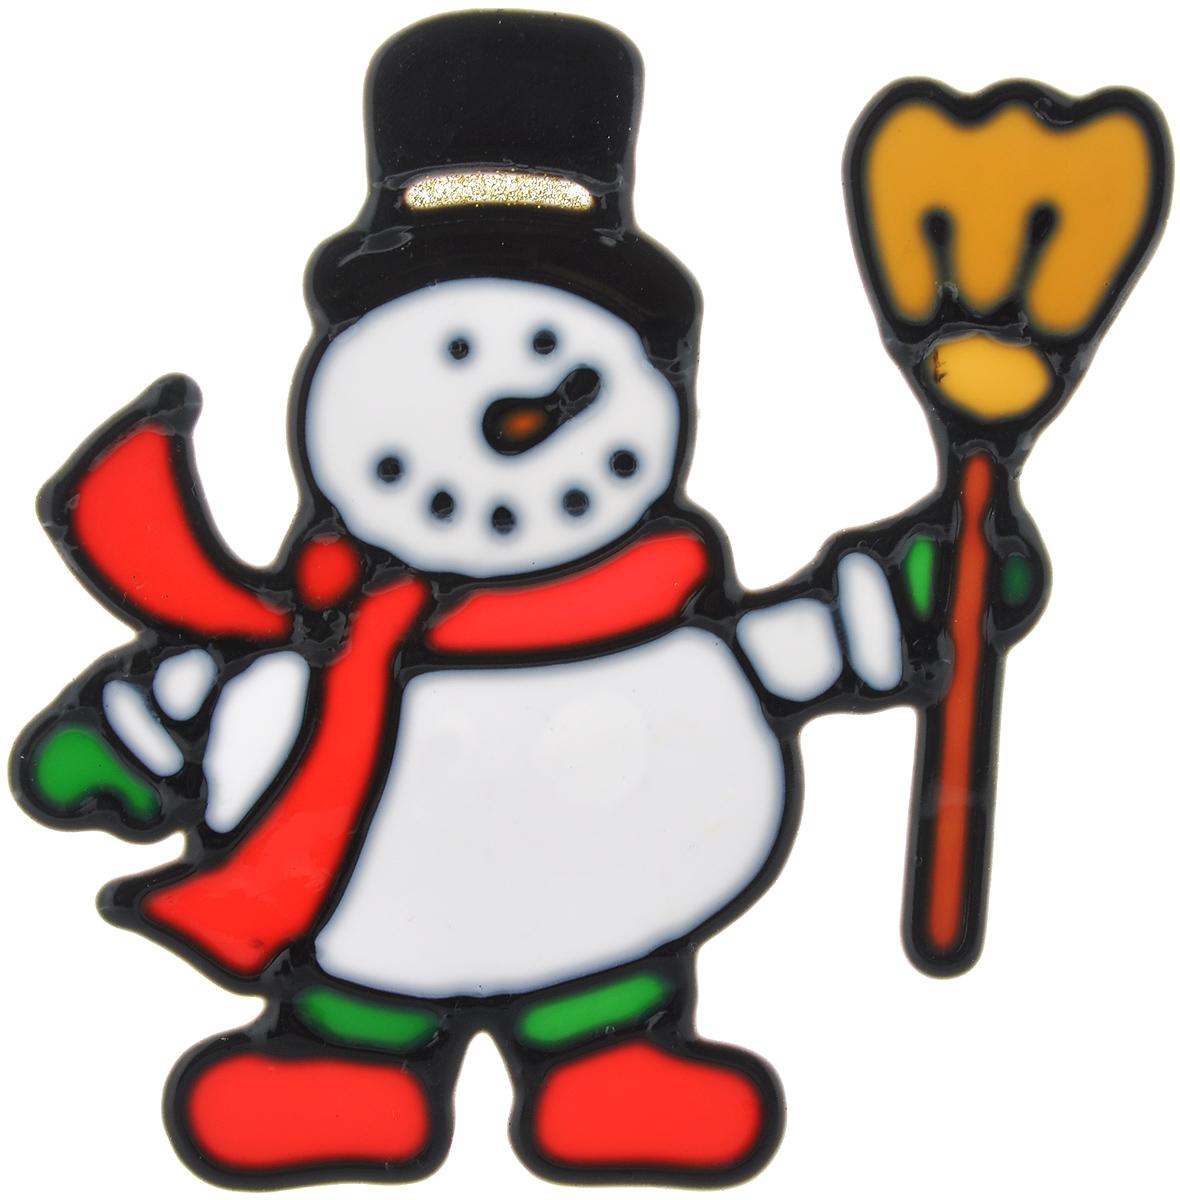 Новогоднее оконное украшение EuroHouse Снеговик с метлой, 12,5 см х 13 смЕХ 9045Новогоднее оконное украшение EuroHouse Снеговик с метлой - простой и быстрый способ создать эффективный декор на вашем окне, зеркале или любой стеклянной поверхности. Наклейка выполнена из пластика в виде забавного снеговика. Наклейка очень просто крепится к поверхности: достаточно снять с обратной стороны защитный слой, а затем наклеить ее на выбранное вами место. Такое оригинальное украшение преобразит интерьер вашего дома, а также может стать необычным подарком.